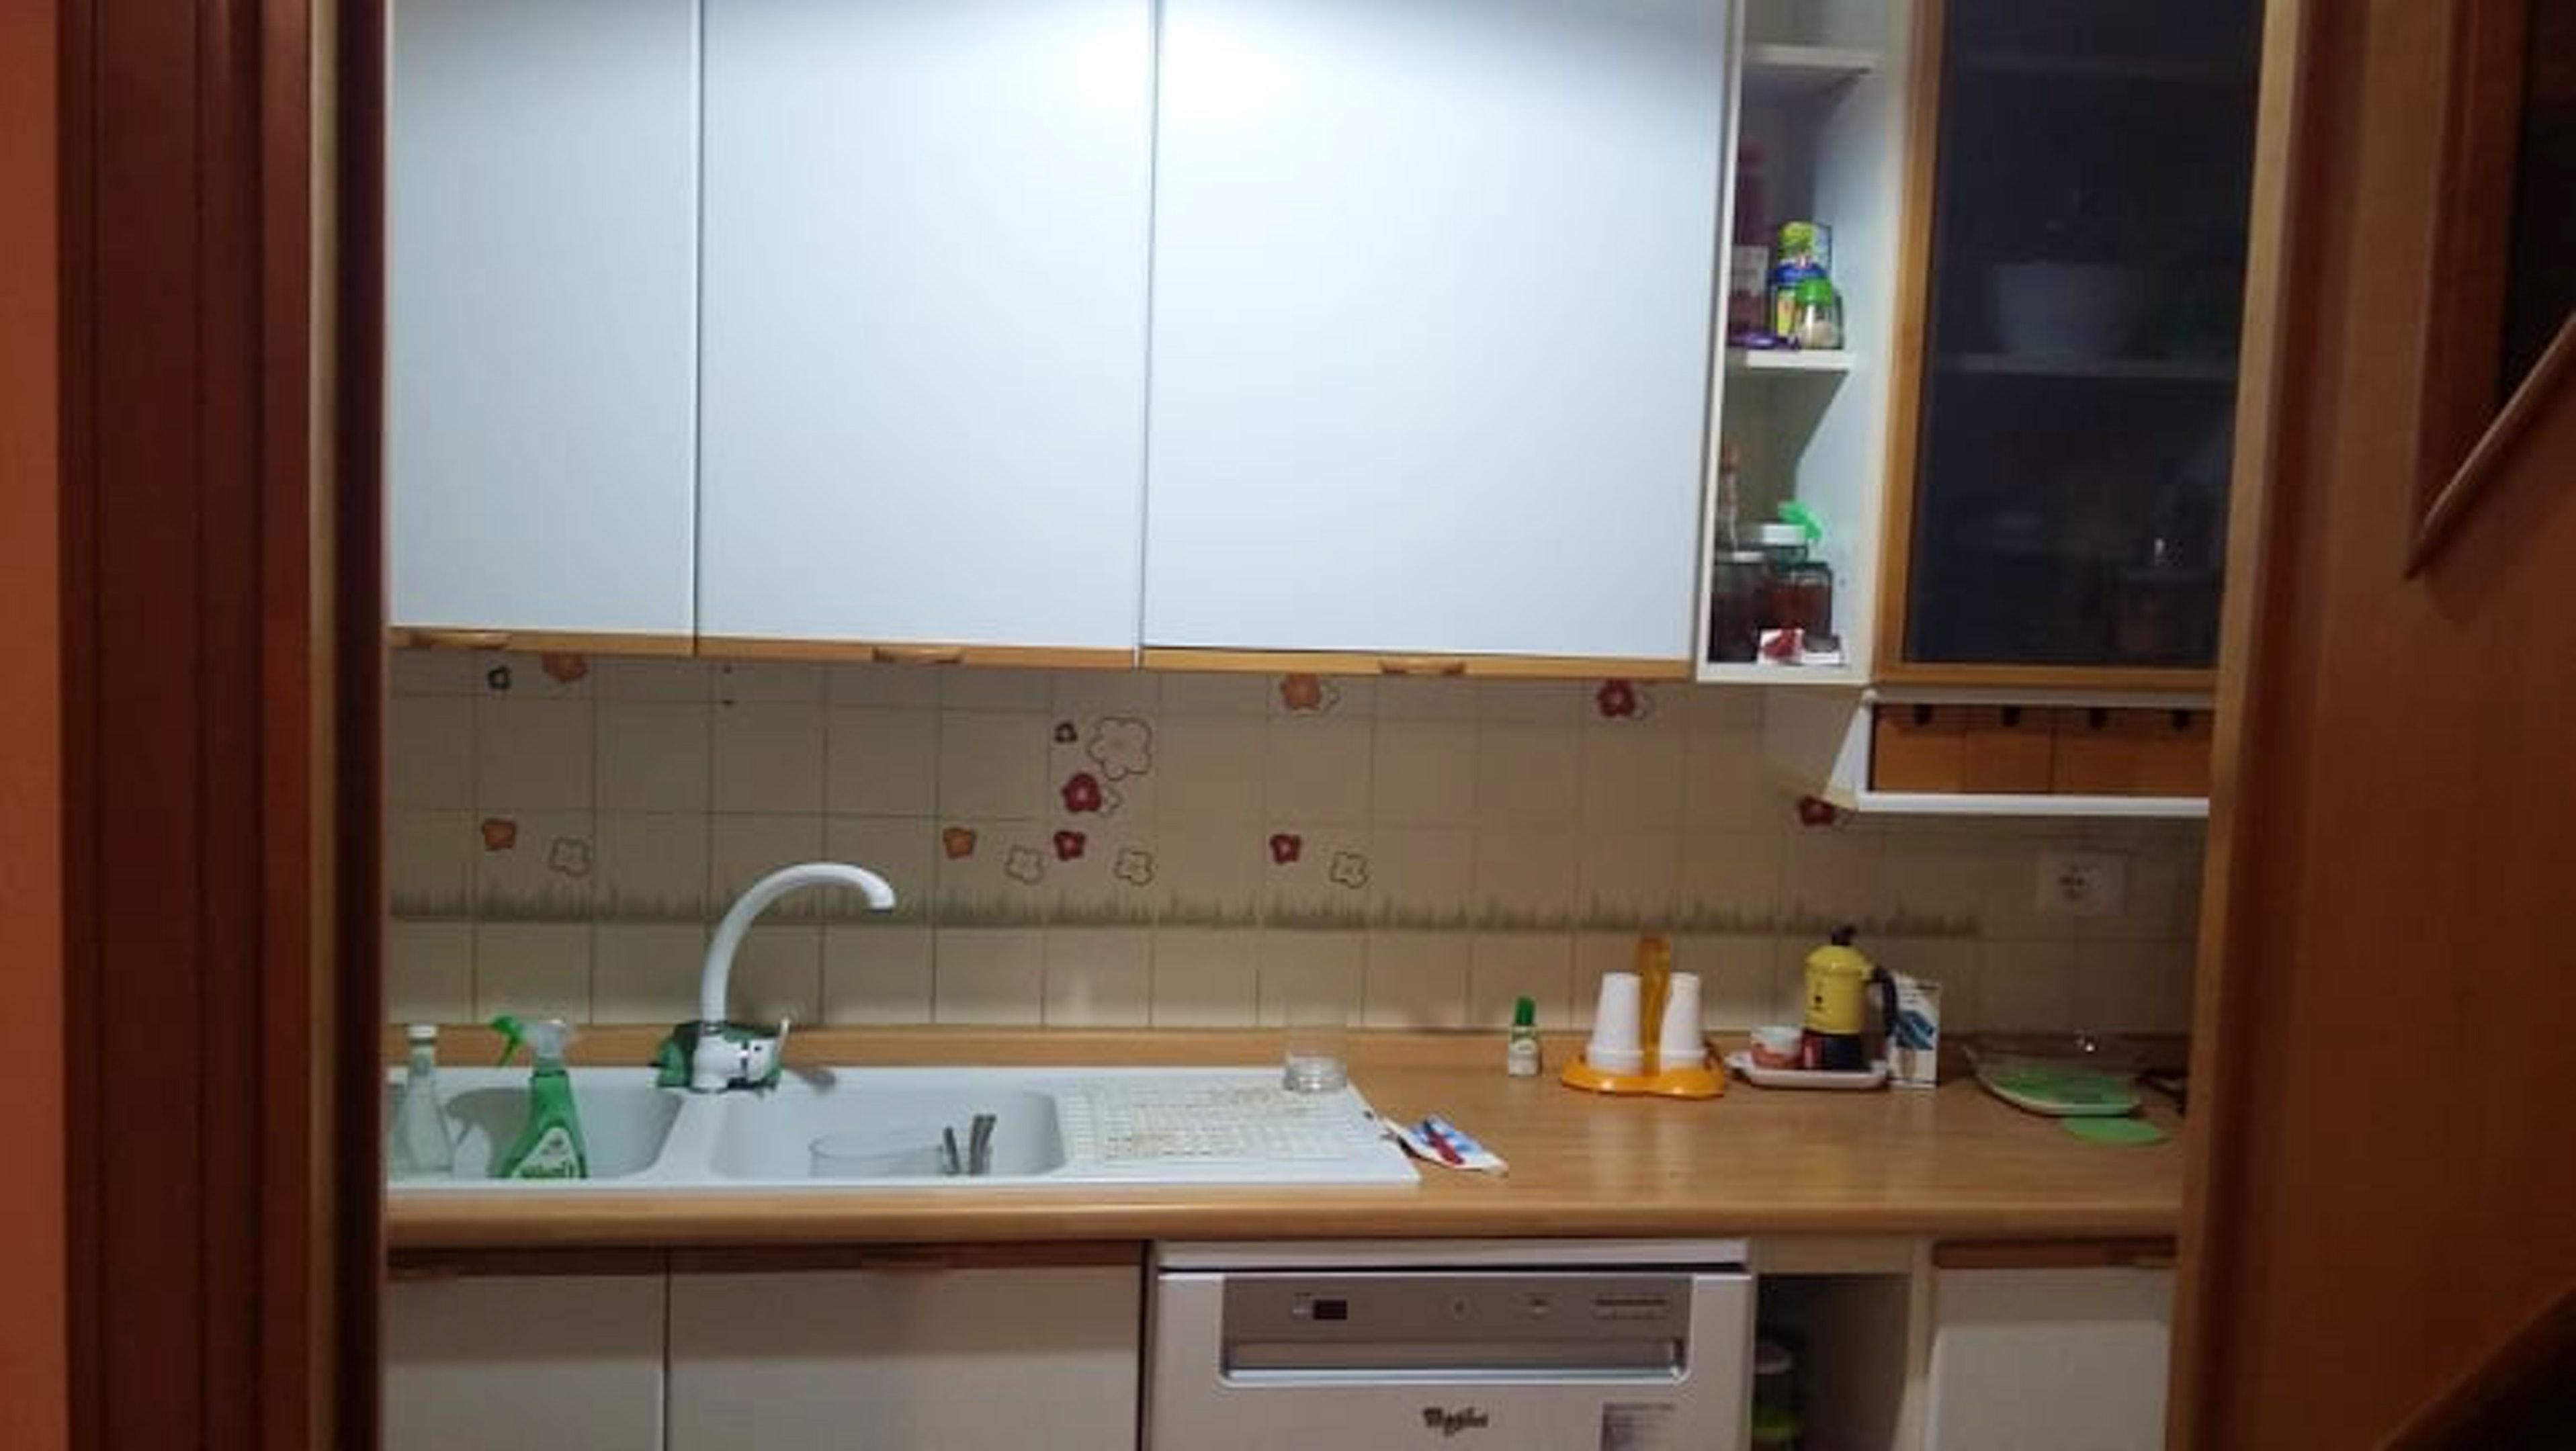 Ferienwohnung Wohnung mit 3 Schlafzimmern in Angri mit schöner Aussicht auf die Stadt und möbliertem Bal (2557376), Angri, Salerno, Kampanien, Italien, Bild 11